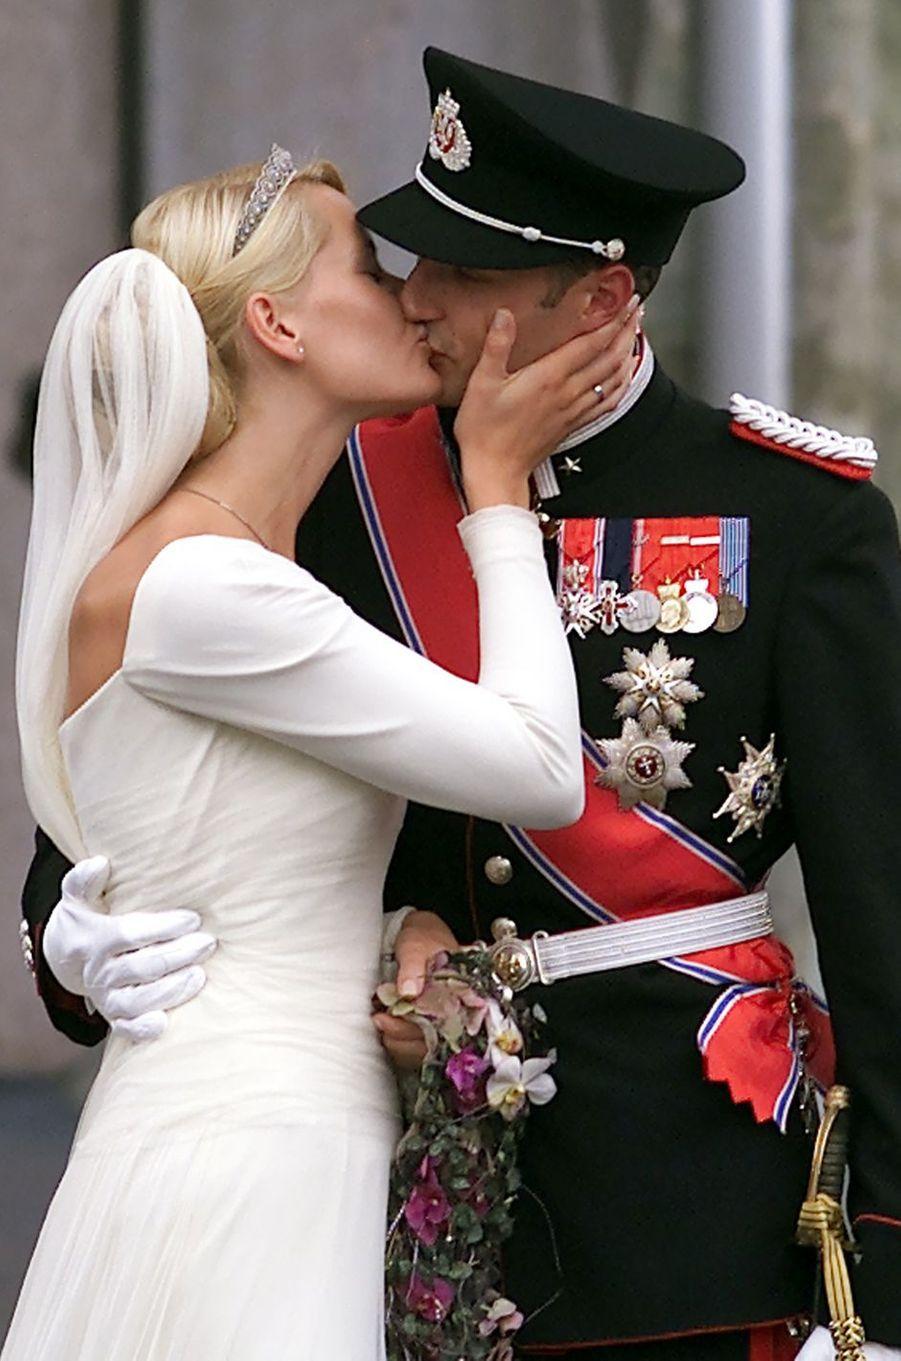 Mette-Marit Tjessem Høiby et le prince Haakon de Norvège le jour de leur mariage, le 25 août 2001